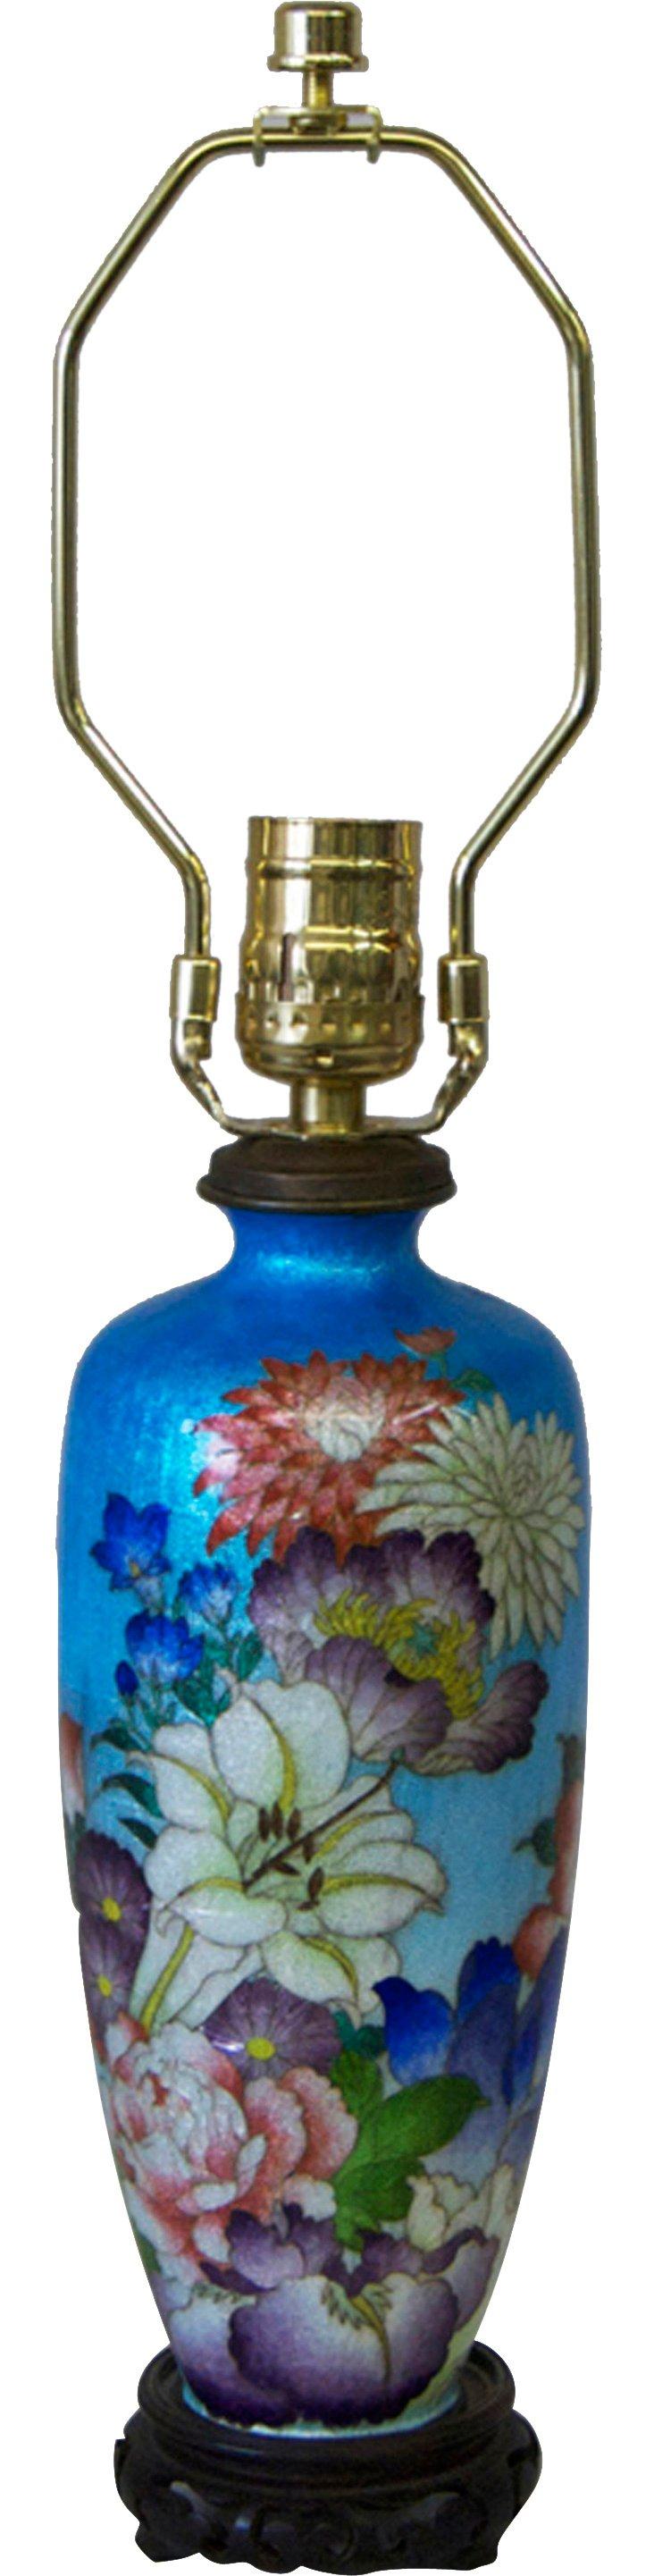 Bright Floral Cloisonné Lamp